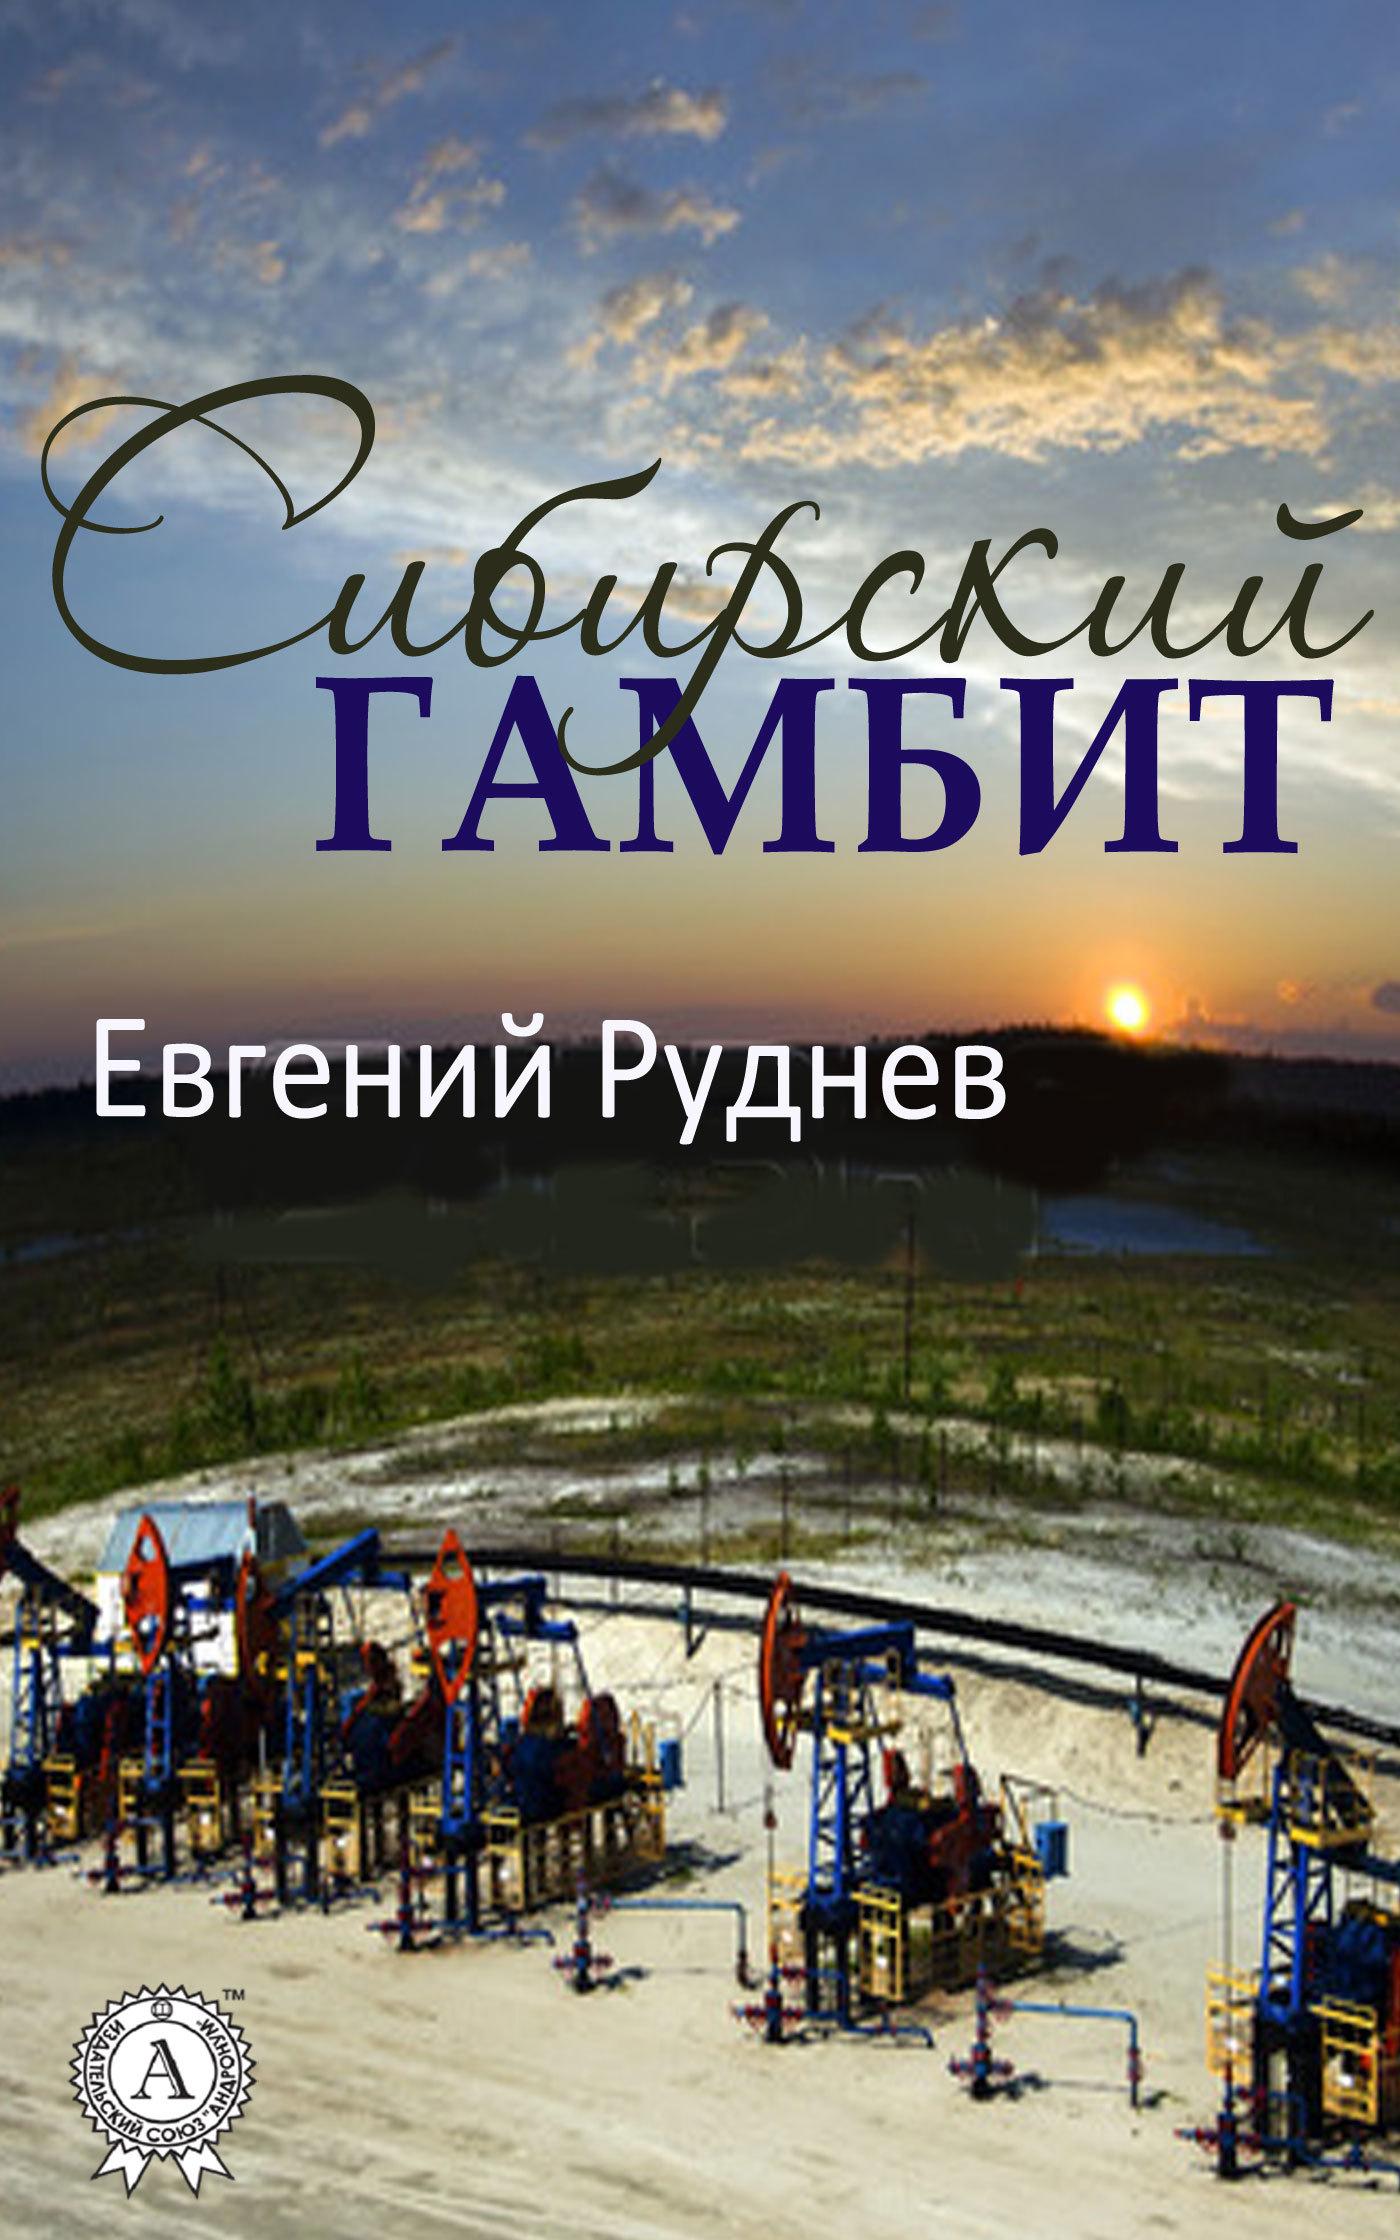 Егений Рудне Сибирский гамбит